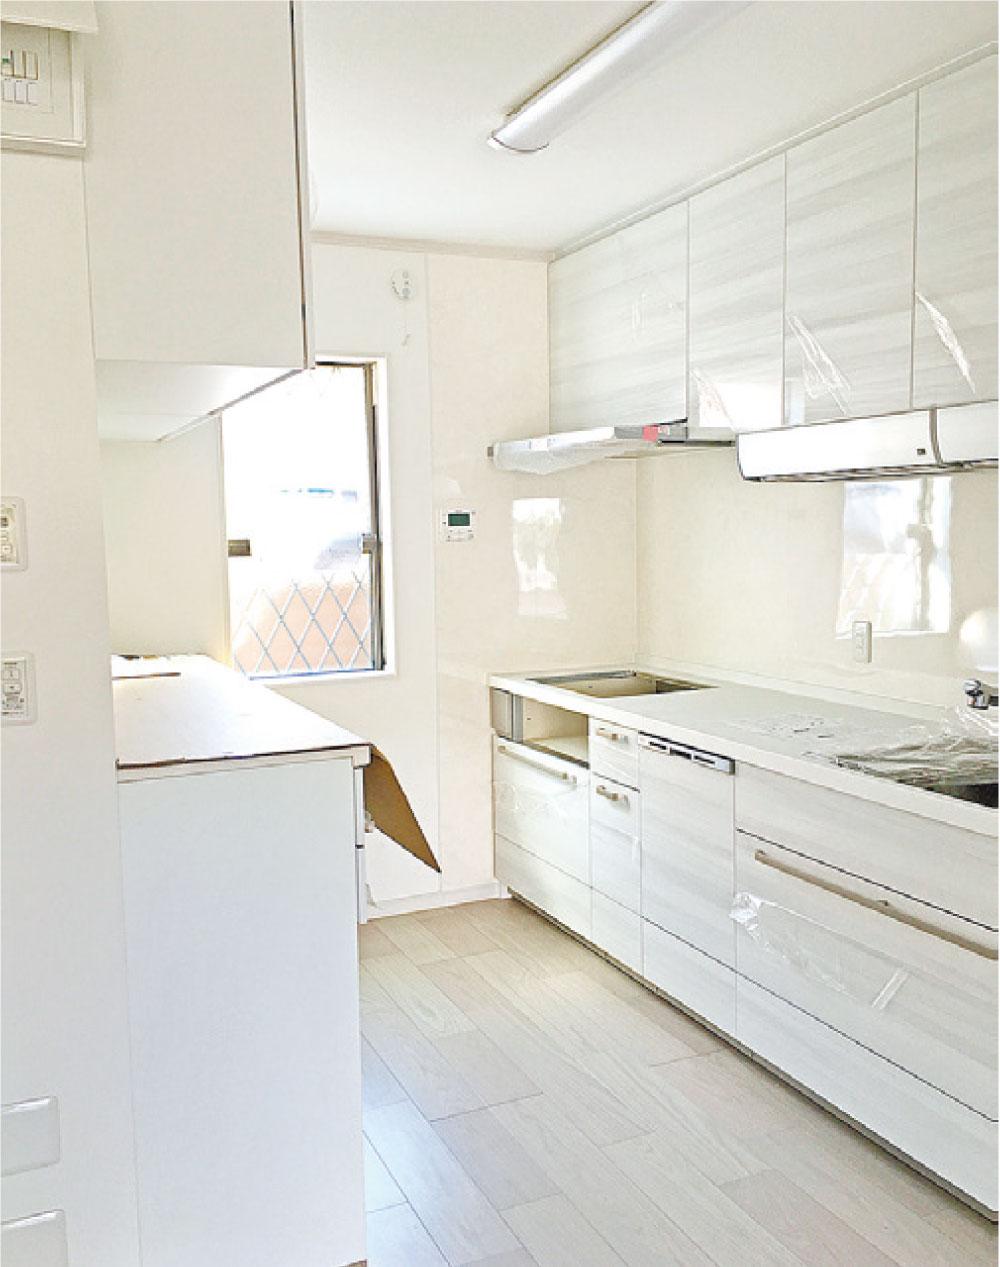 限られたスペースを有効活用 収納たっぷり白が基調の家